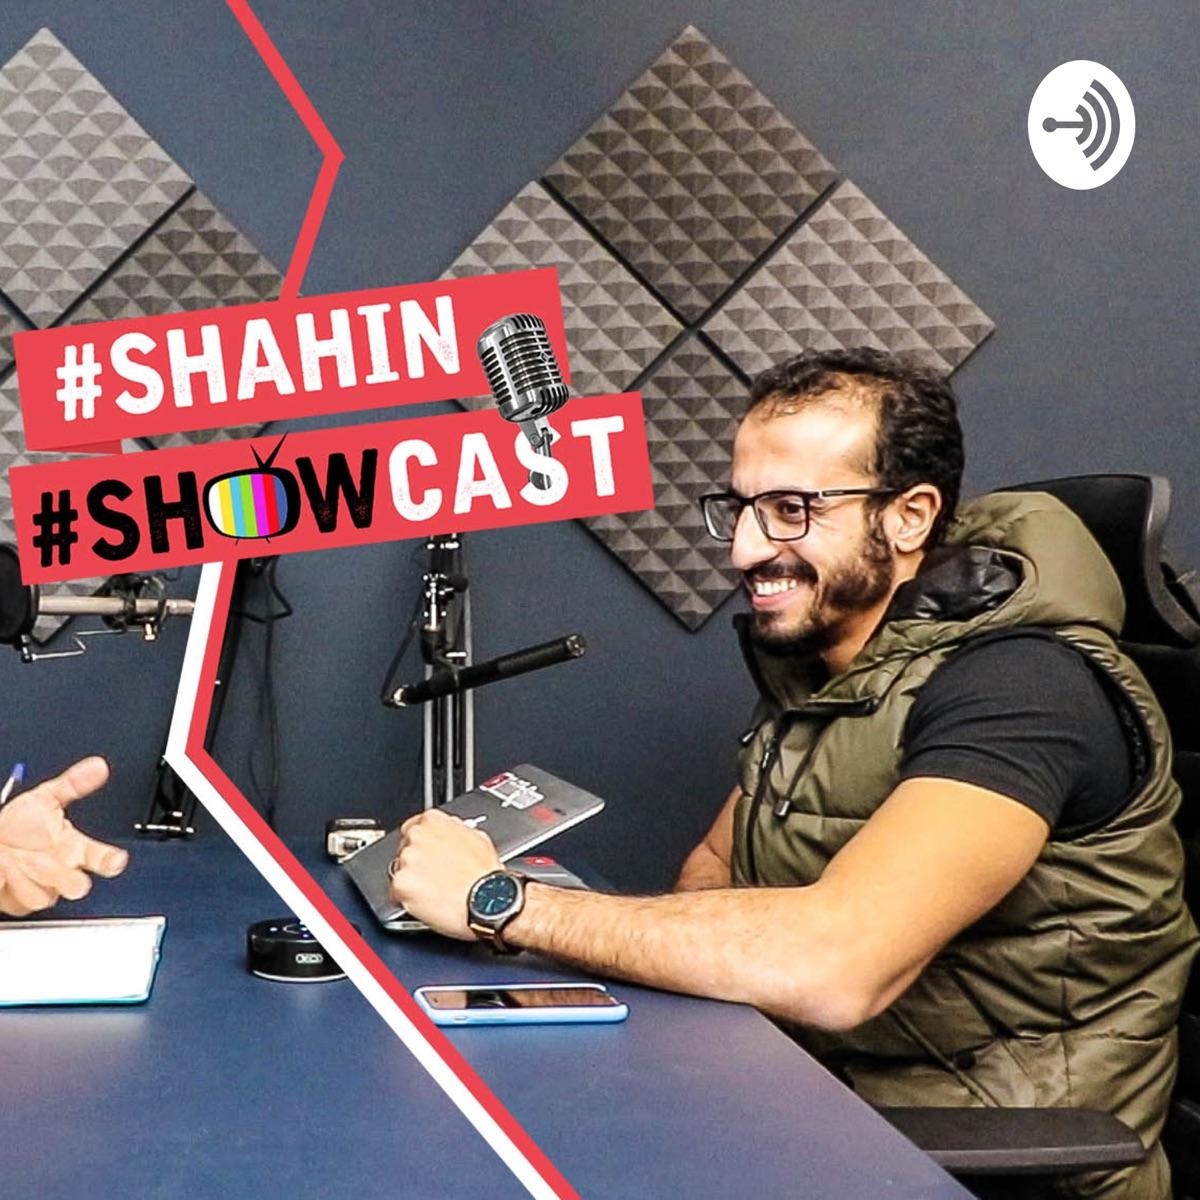 Shahin ShowCast